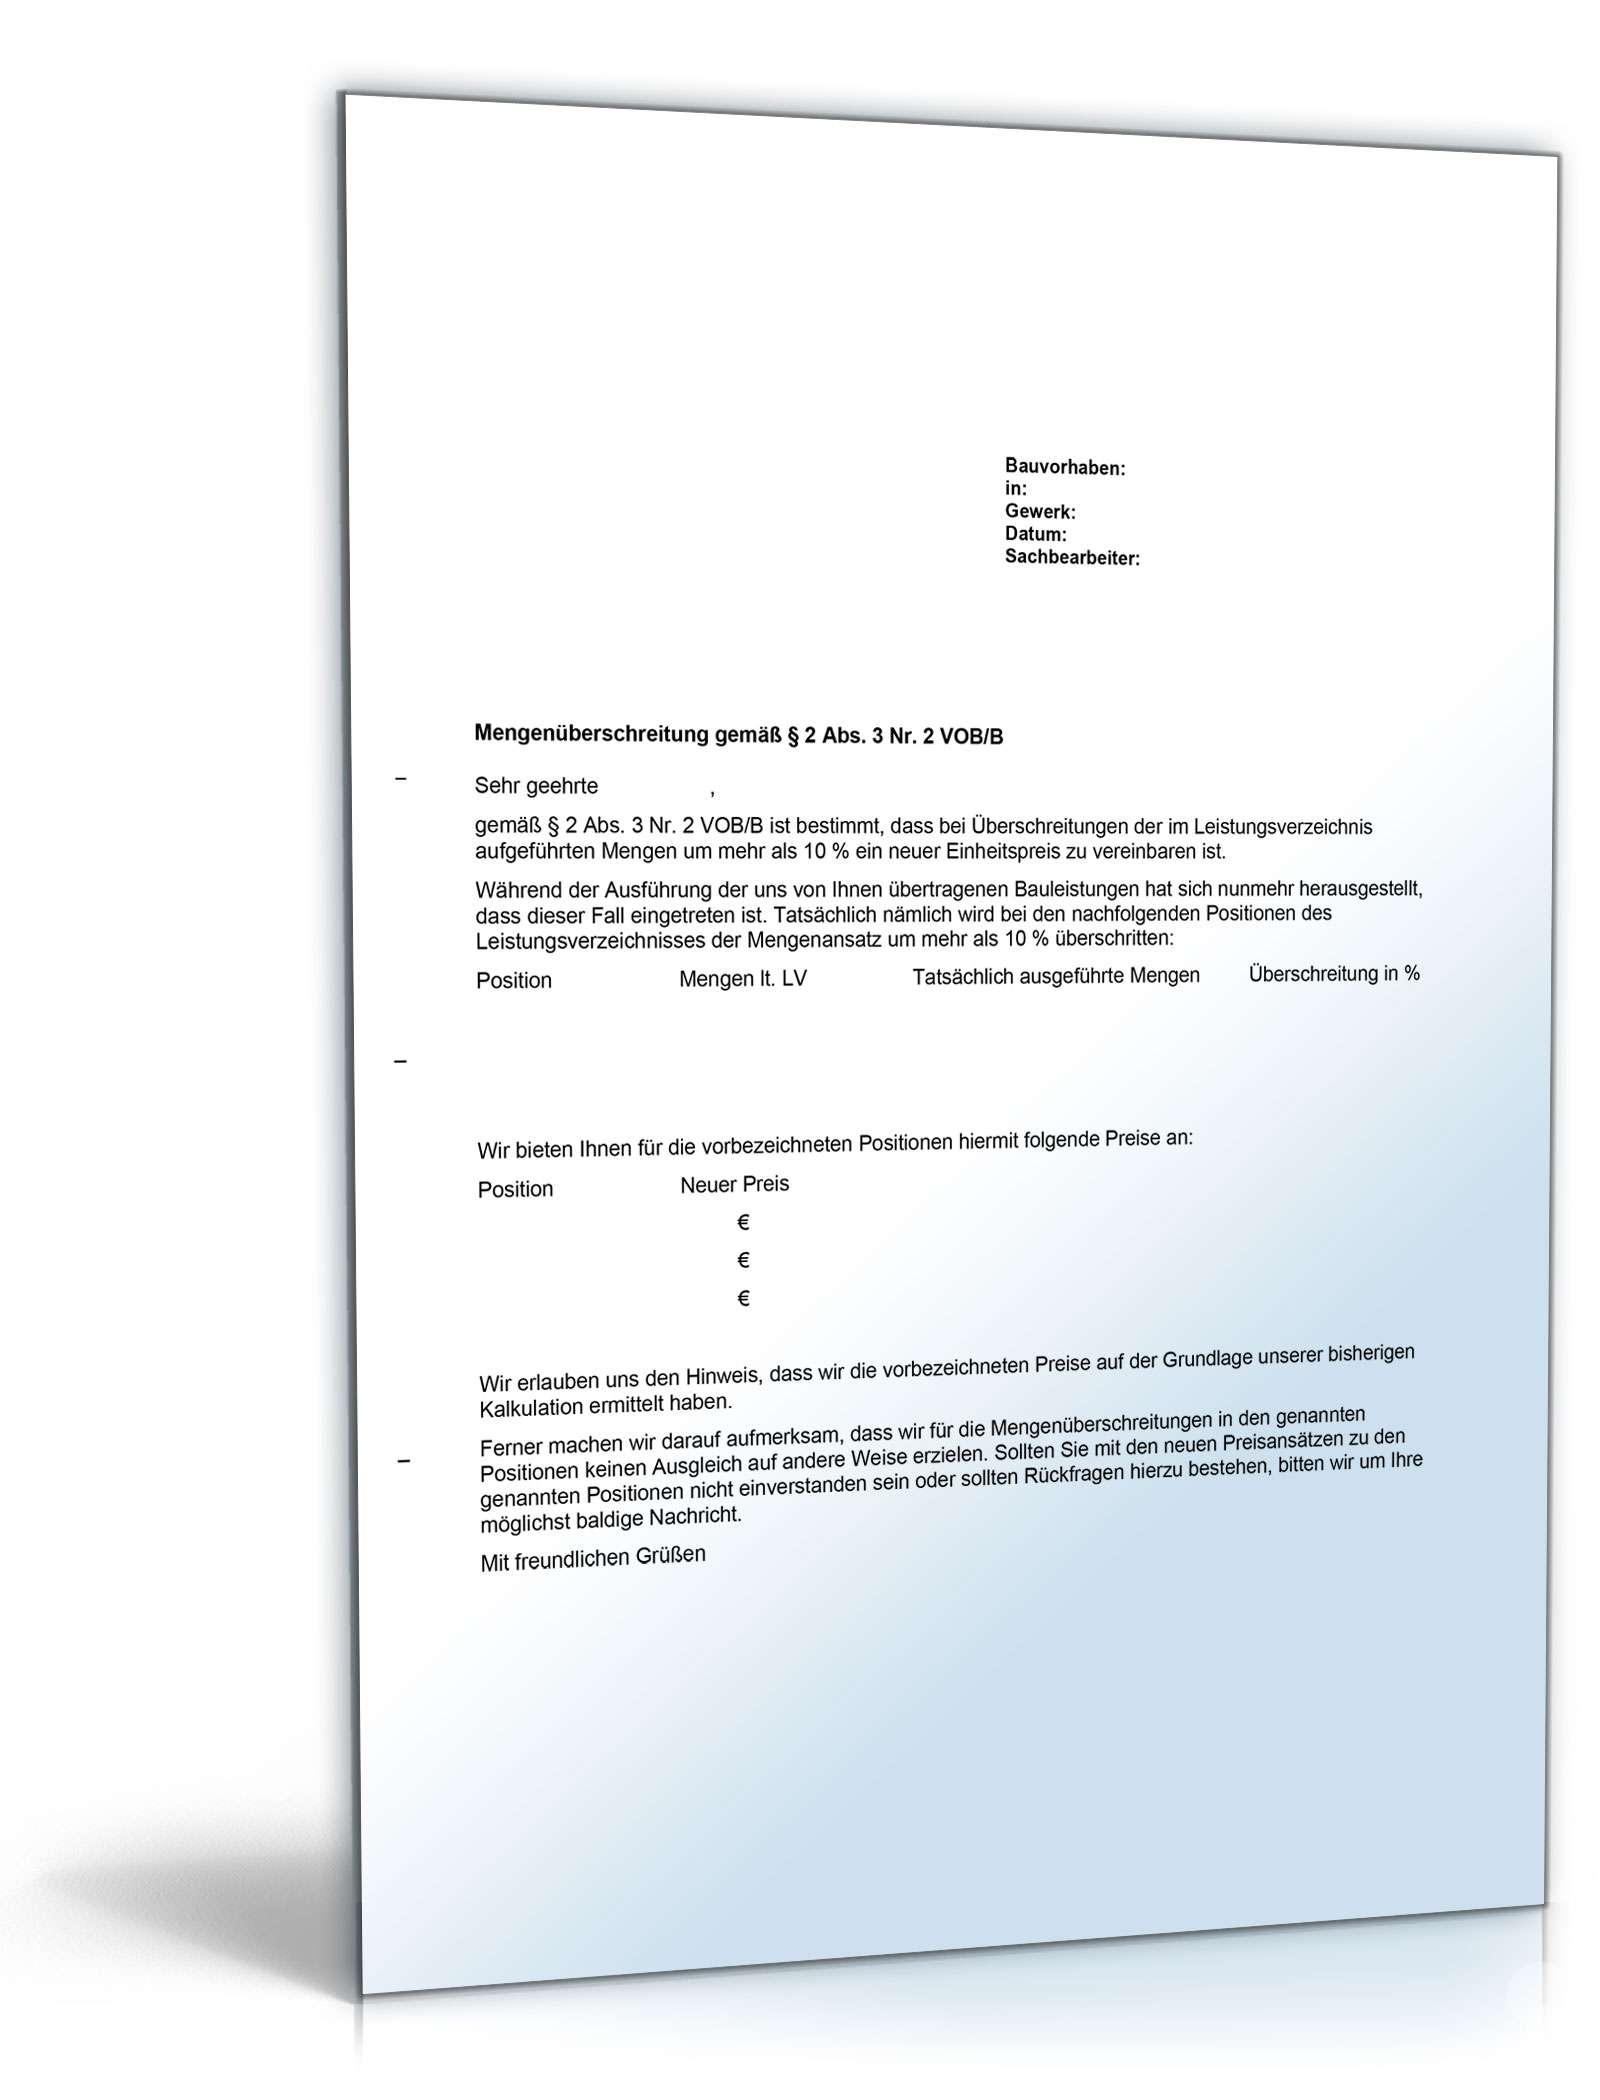 Preisanpassung Bei Mengenuberschreitung Sofort Download 5